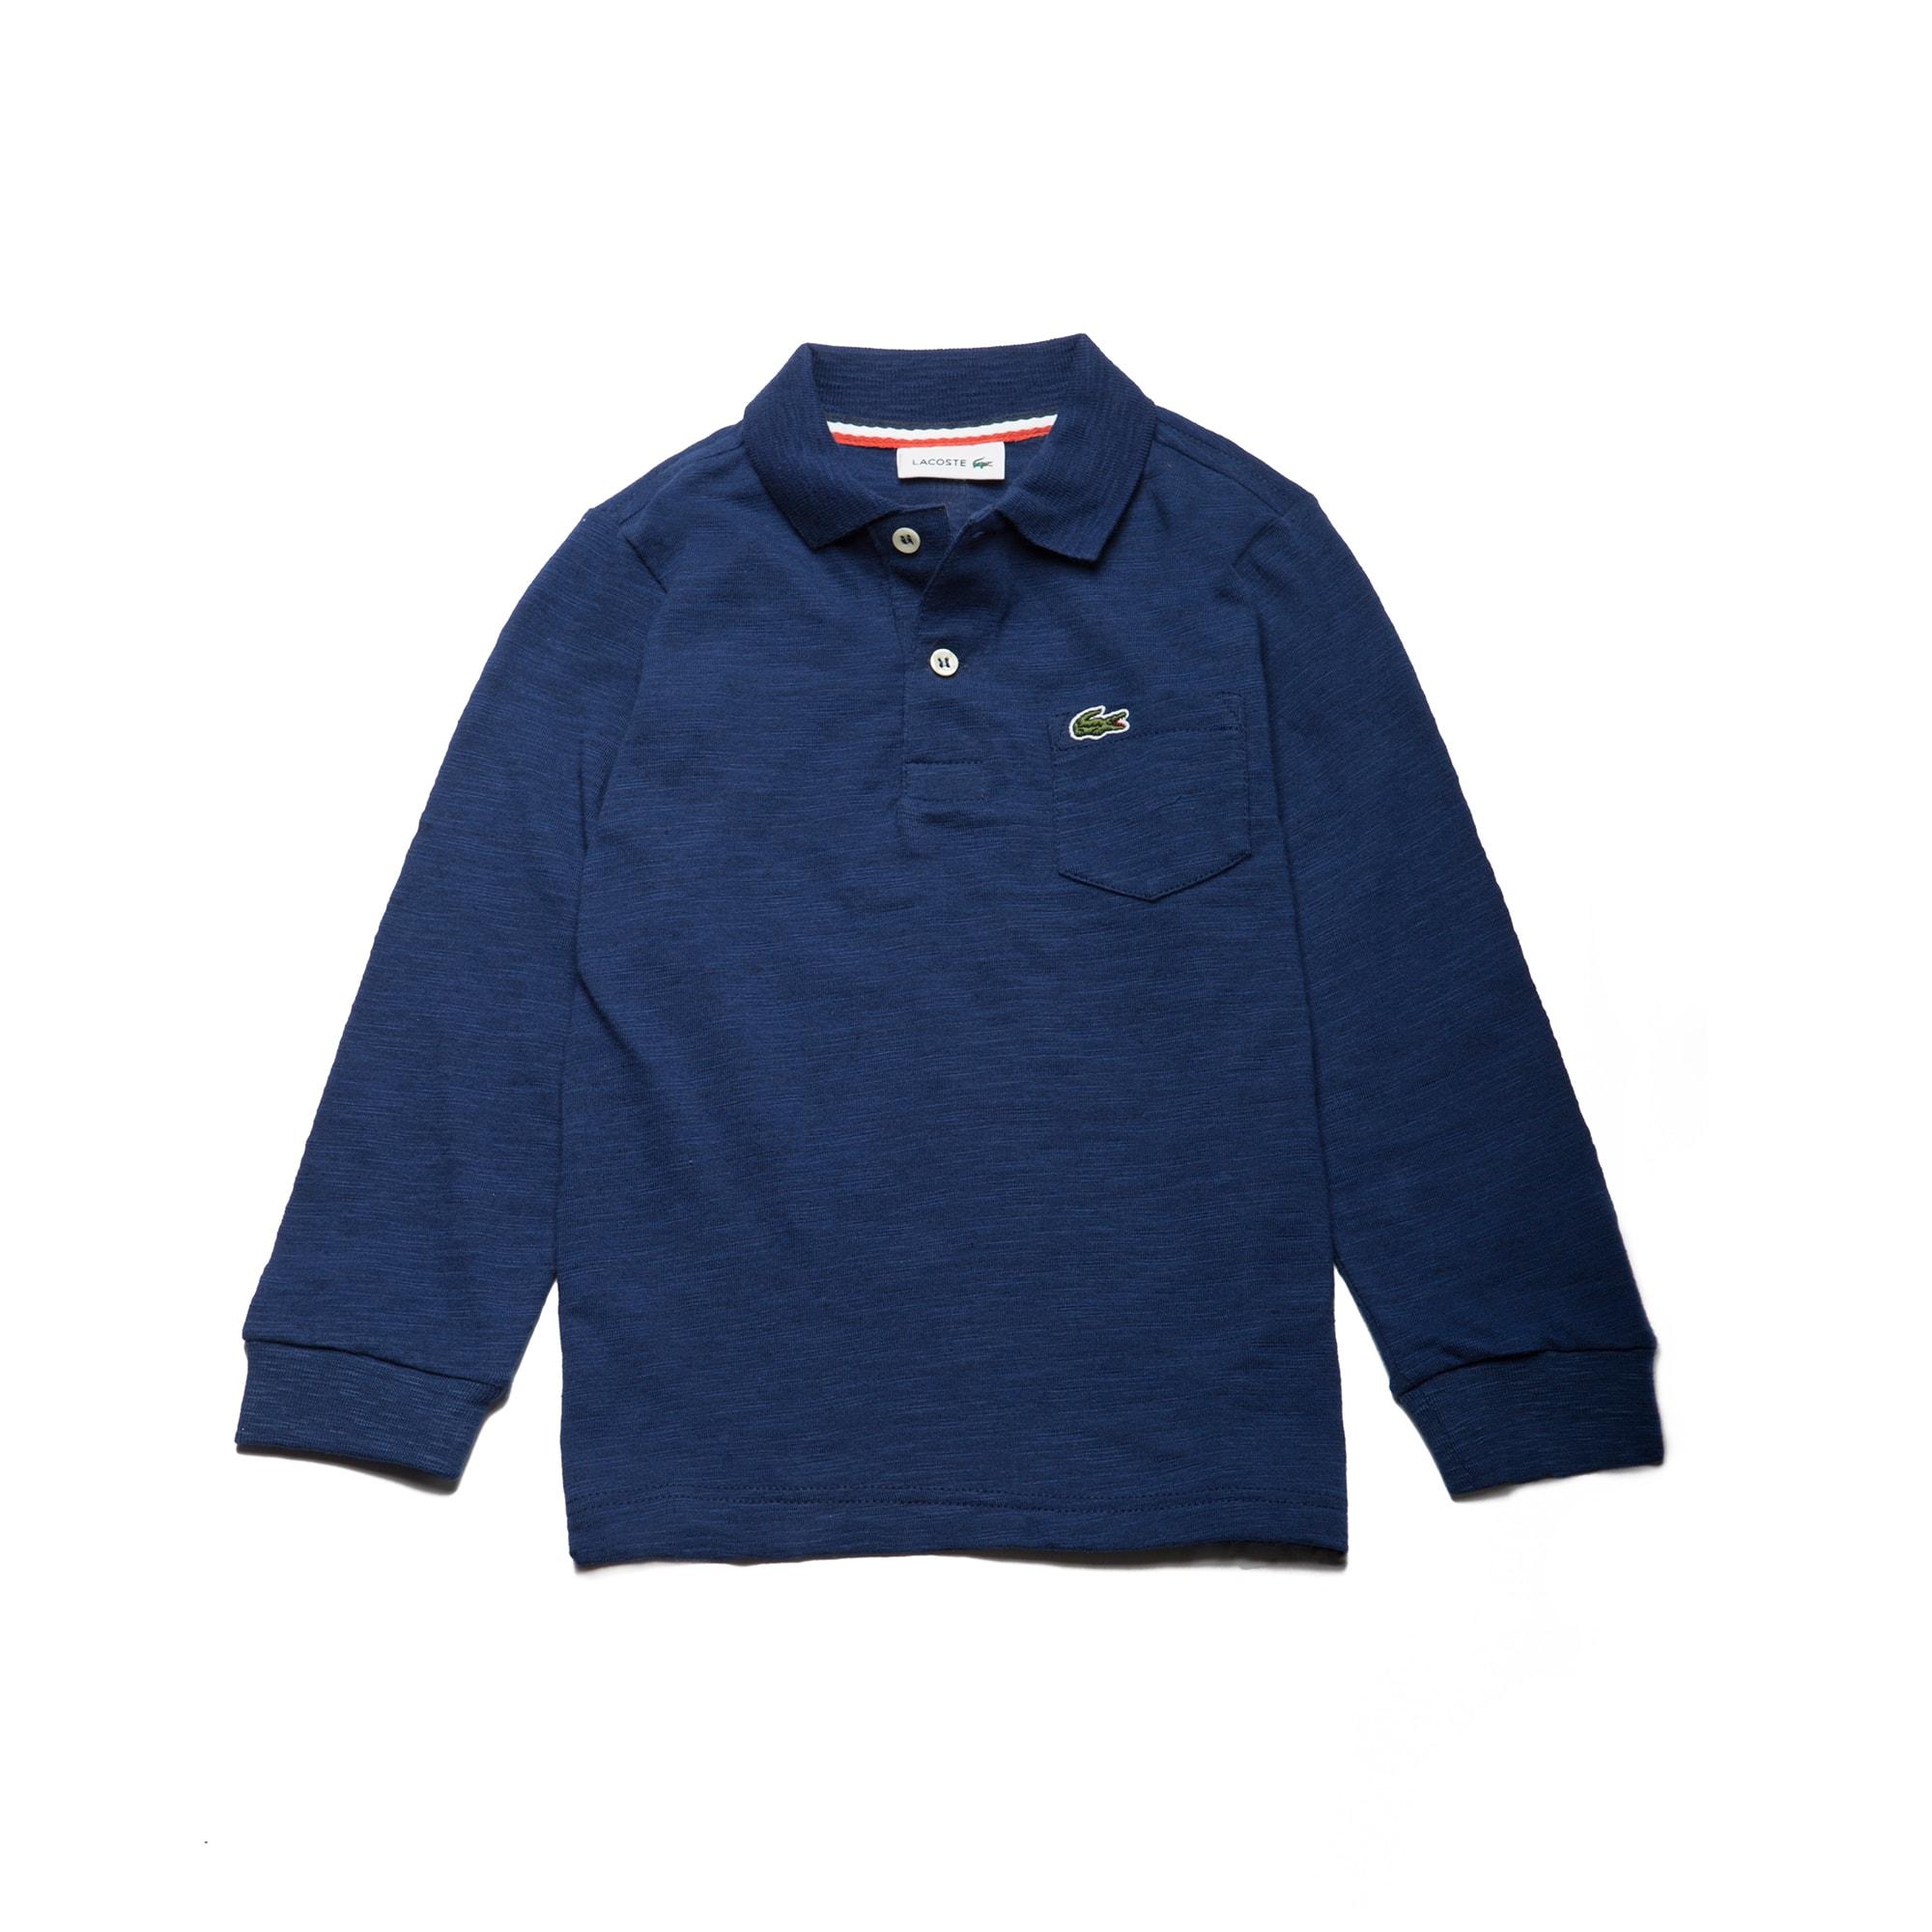 Boys' Jersey Polo